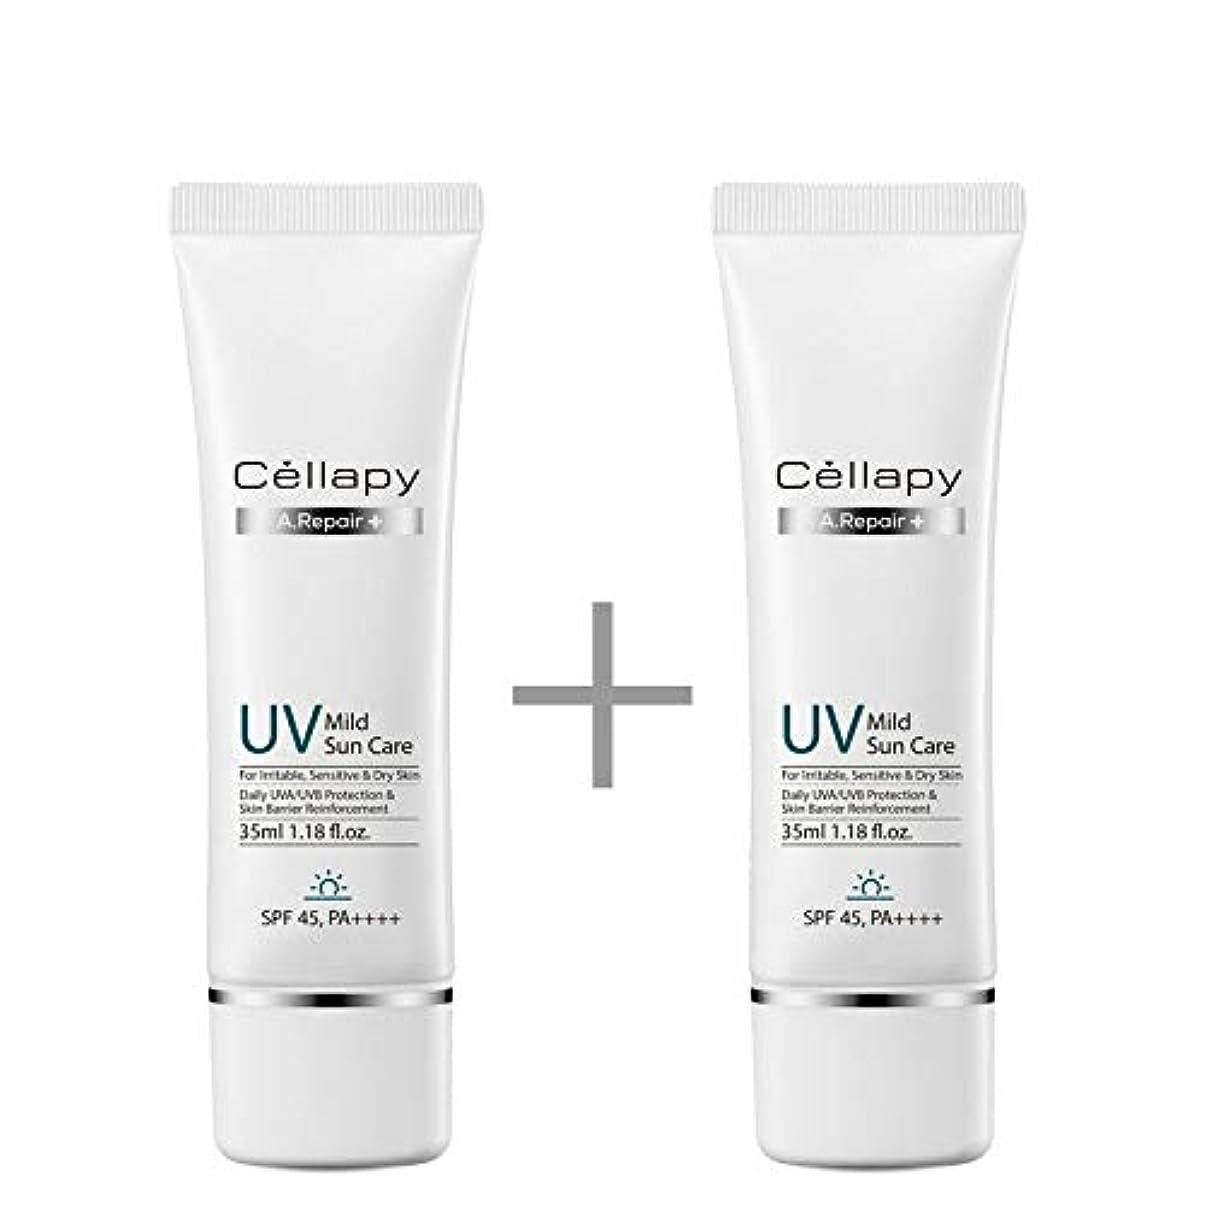 [1+1] 【Cellapy】 セルラーピ A.Repair Plus UV Mild Sun Care マイルドサンケア (35ml) SPF45/PA++++ 韓国 日焼け止め